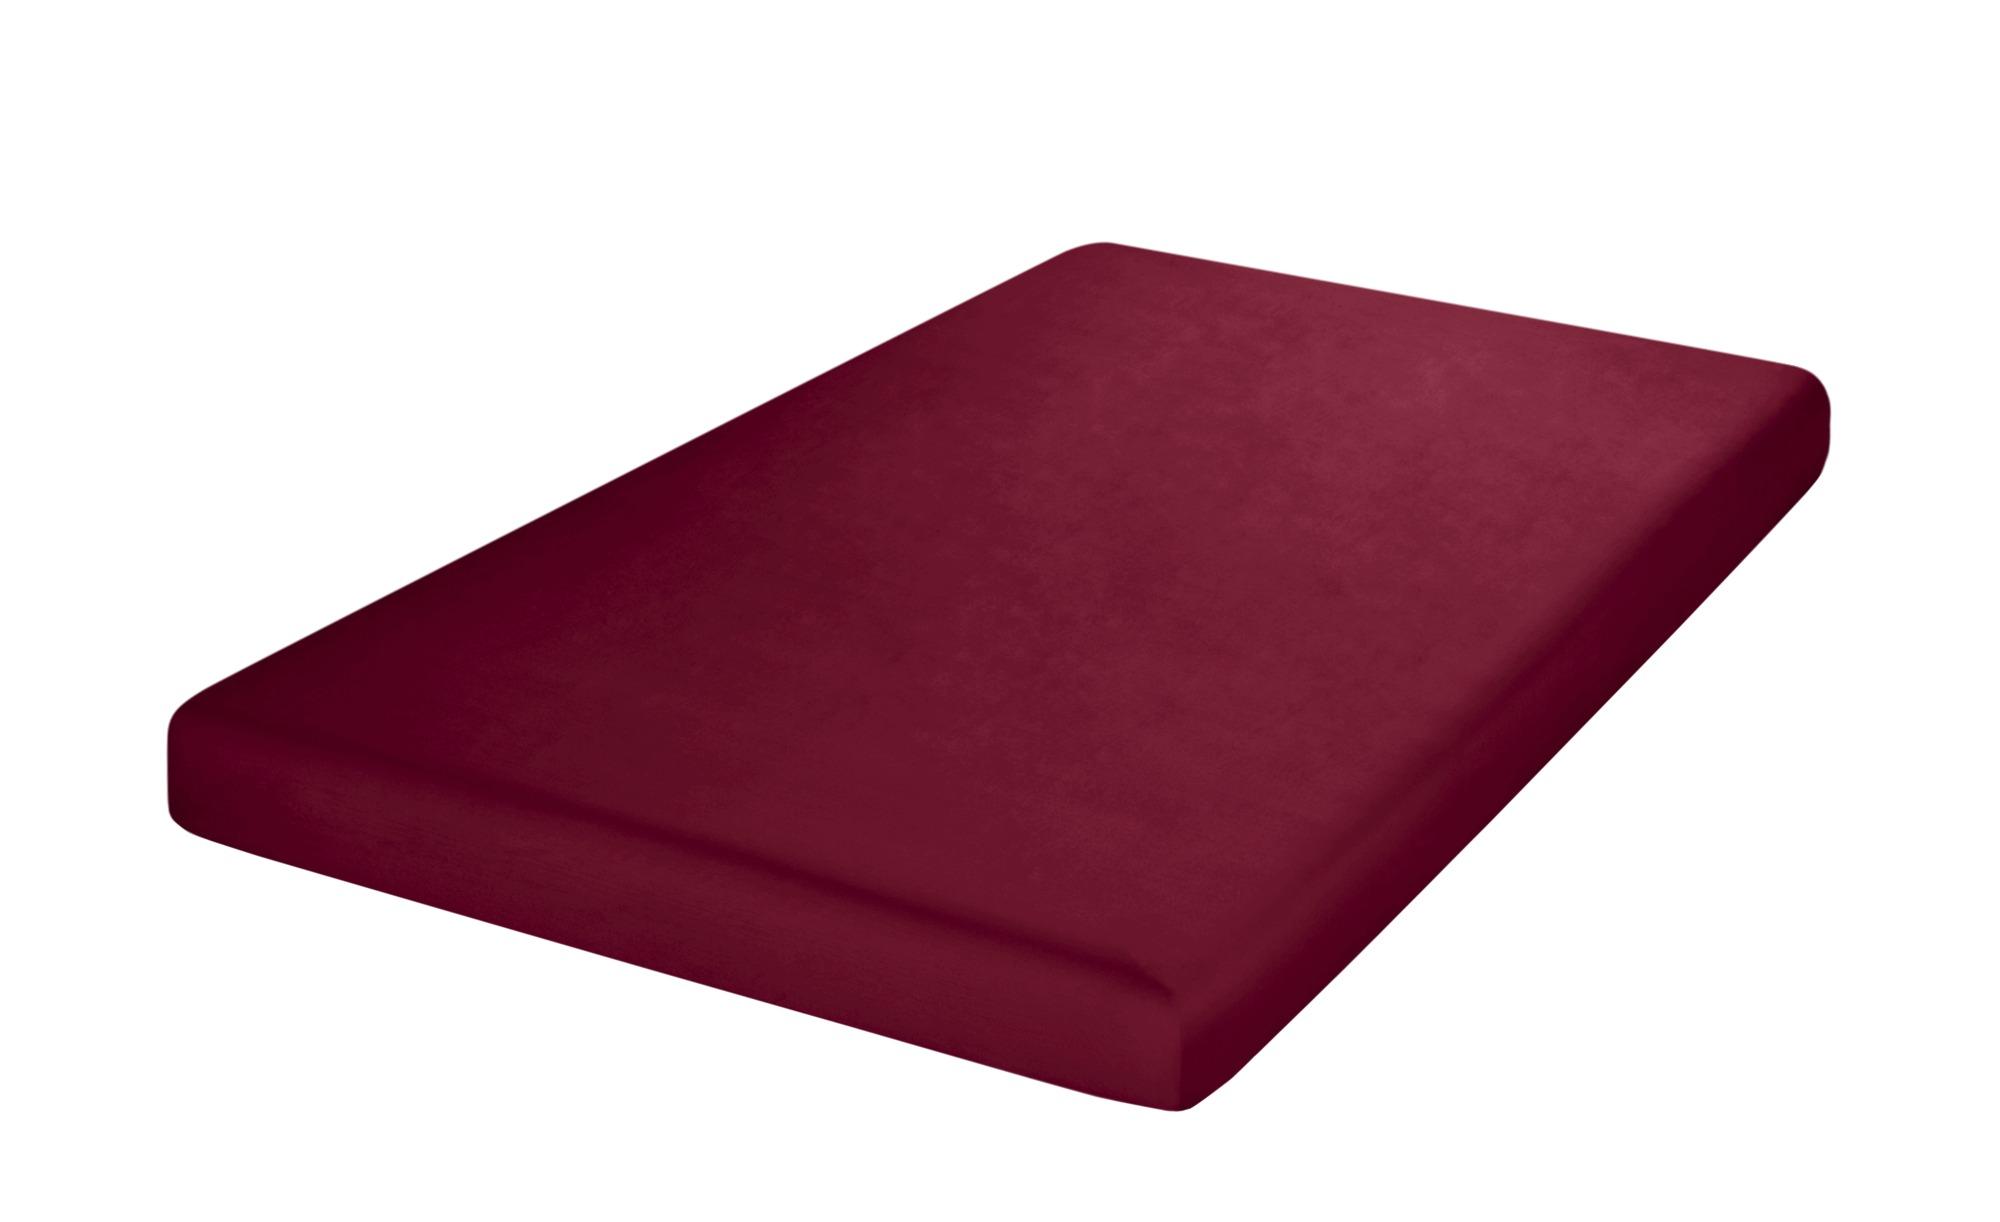 HOME STORY Uni Satin Tuch  5502 ¦ rot ¦ 100 % Baumwolle ¦ Maße (cm): B: 90 Bettwaren > Bettlaken > Sonstige Spannbettlaken - Höffner